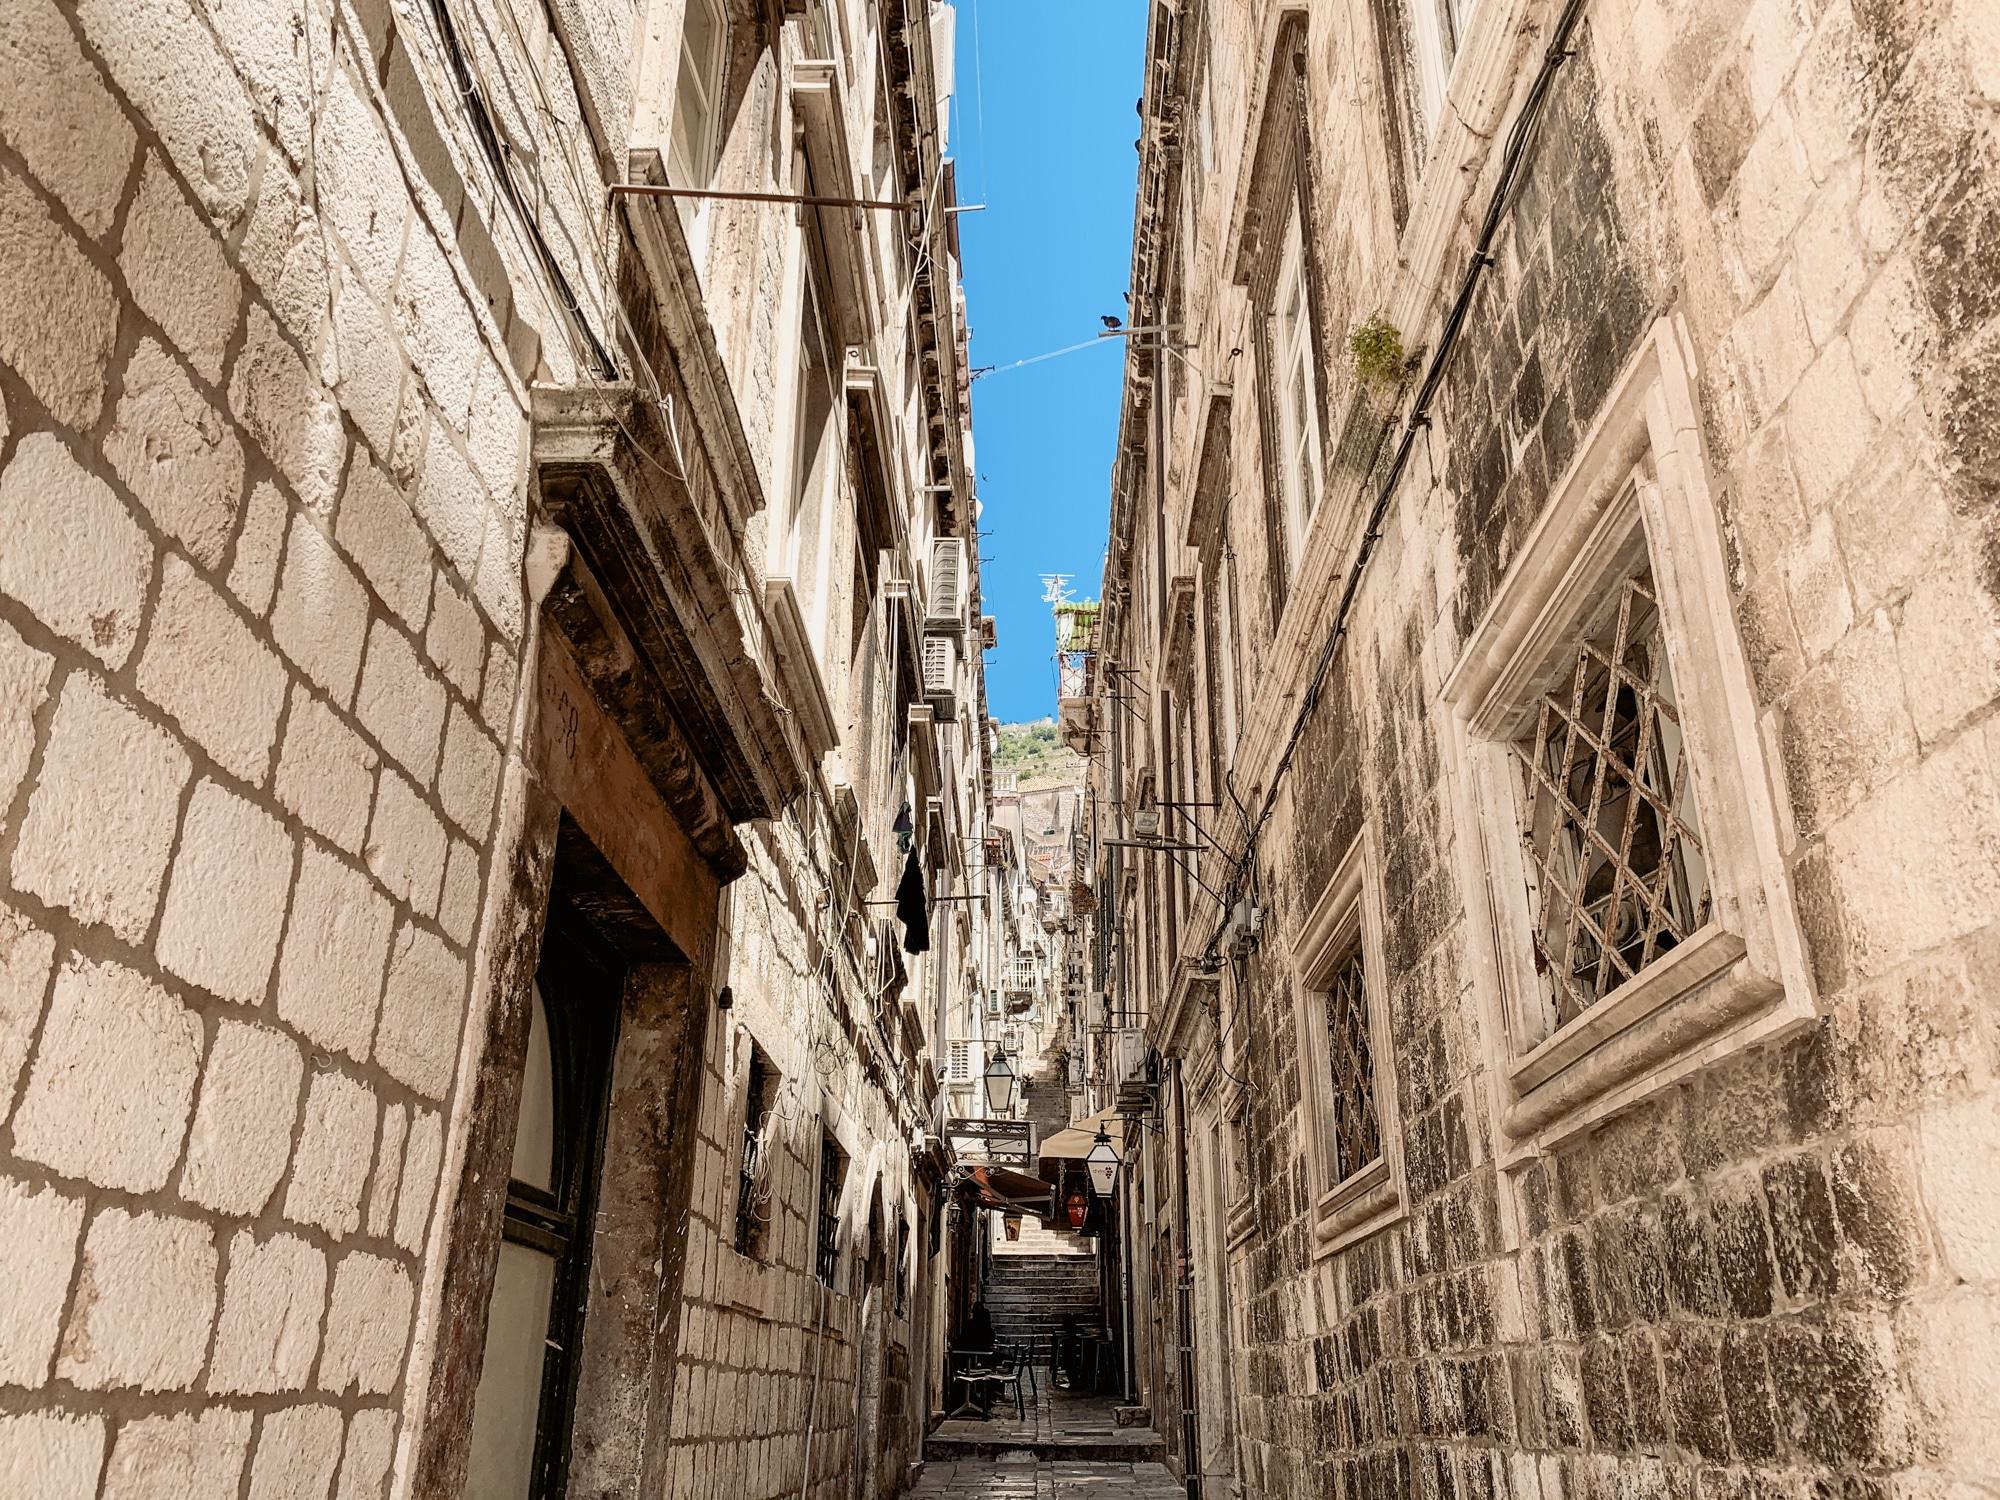 Dubrovnik Sehenswürdigkeiten Top 10: Meine Highlights und Tipps - Altstadt enge Gassen